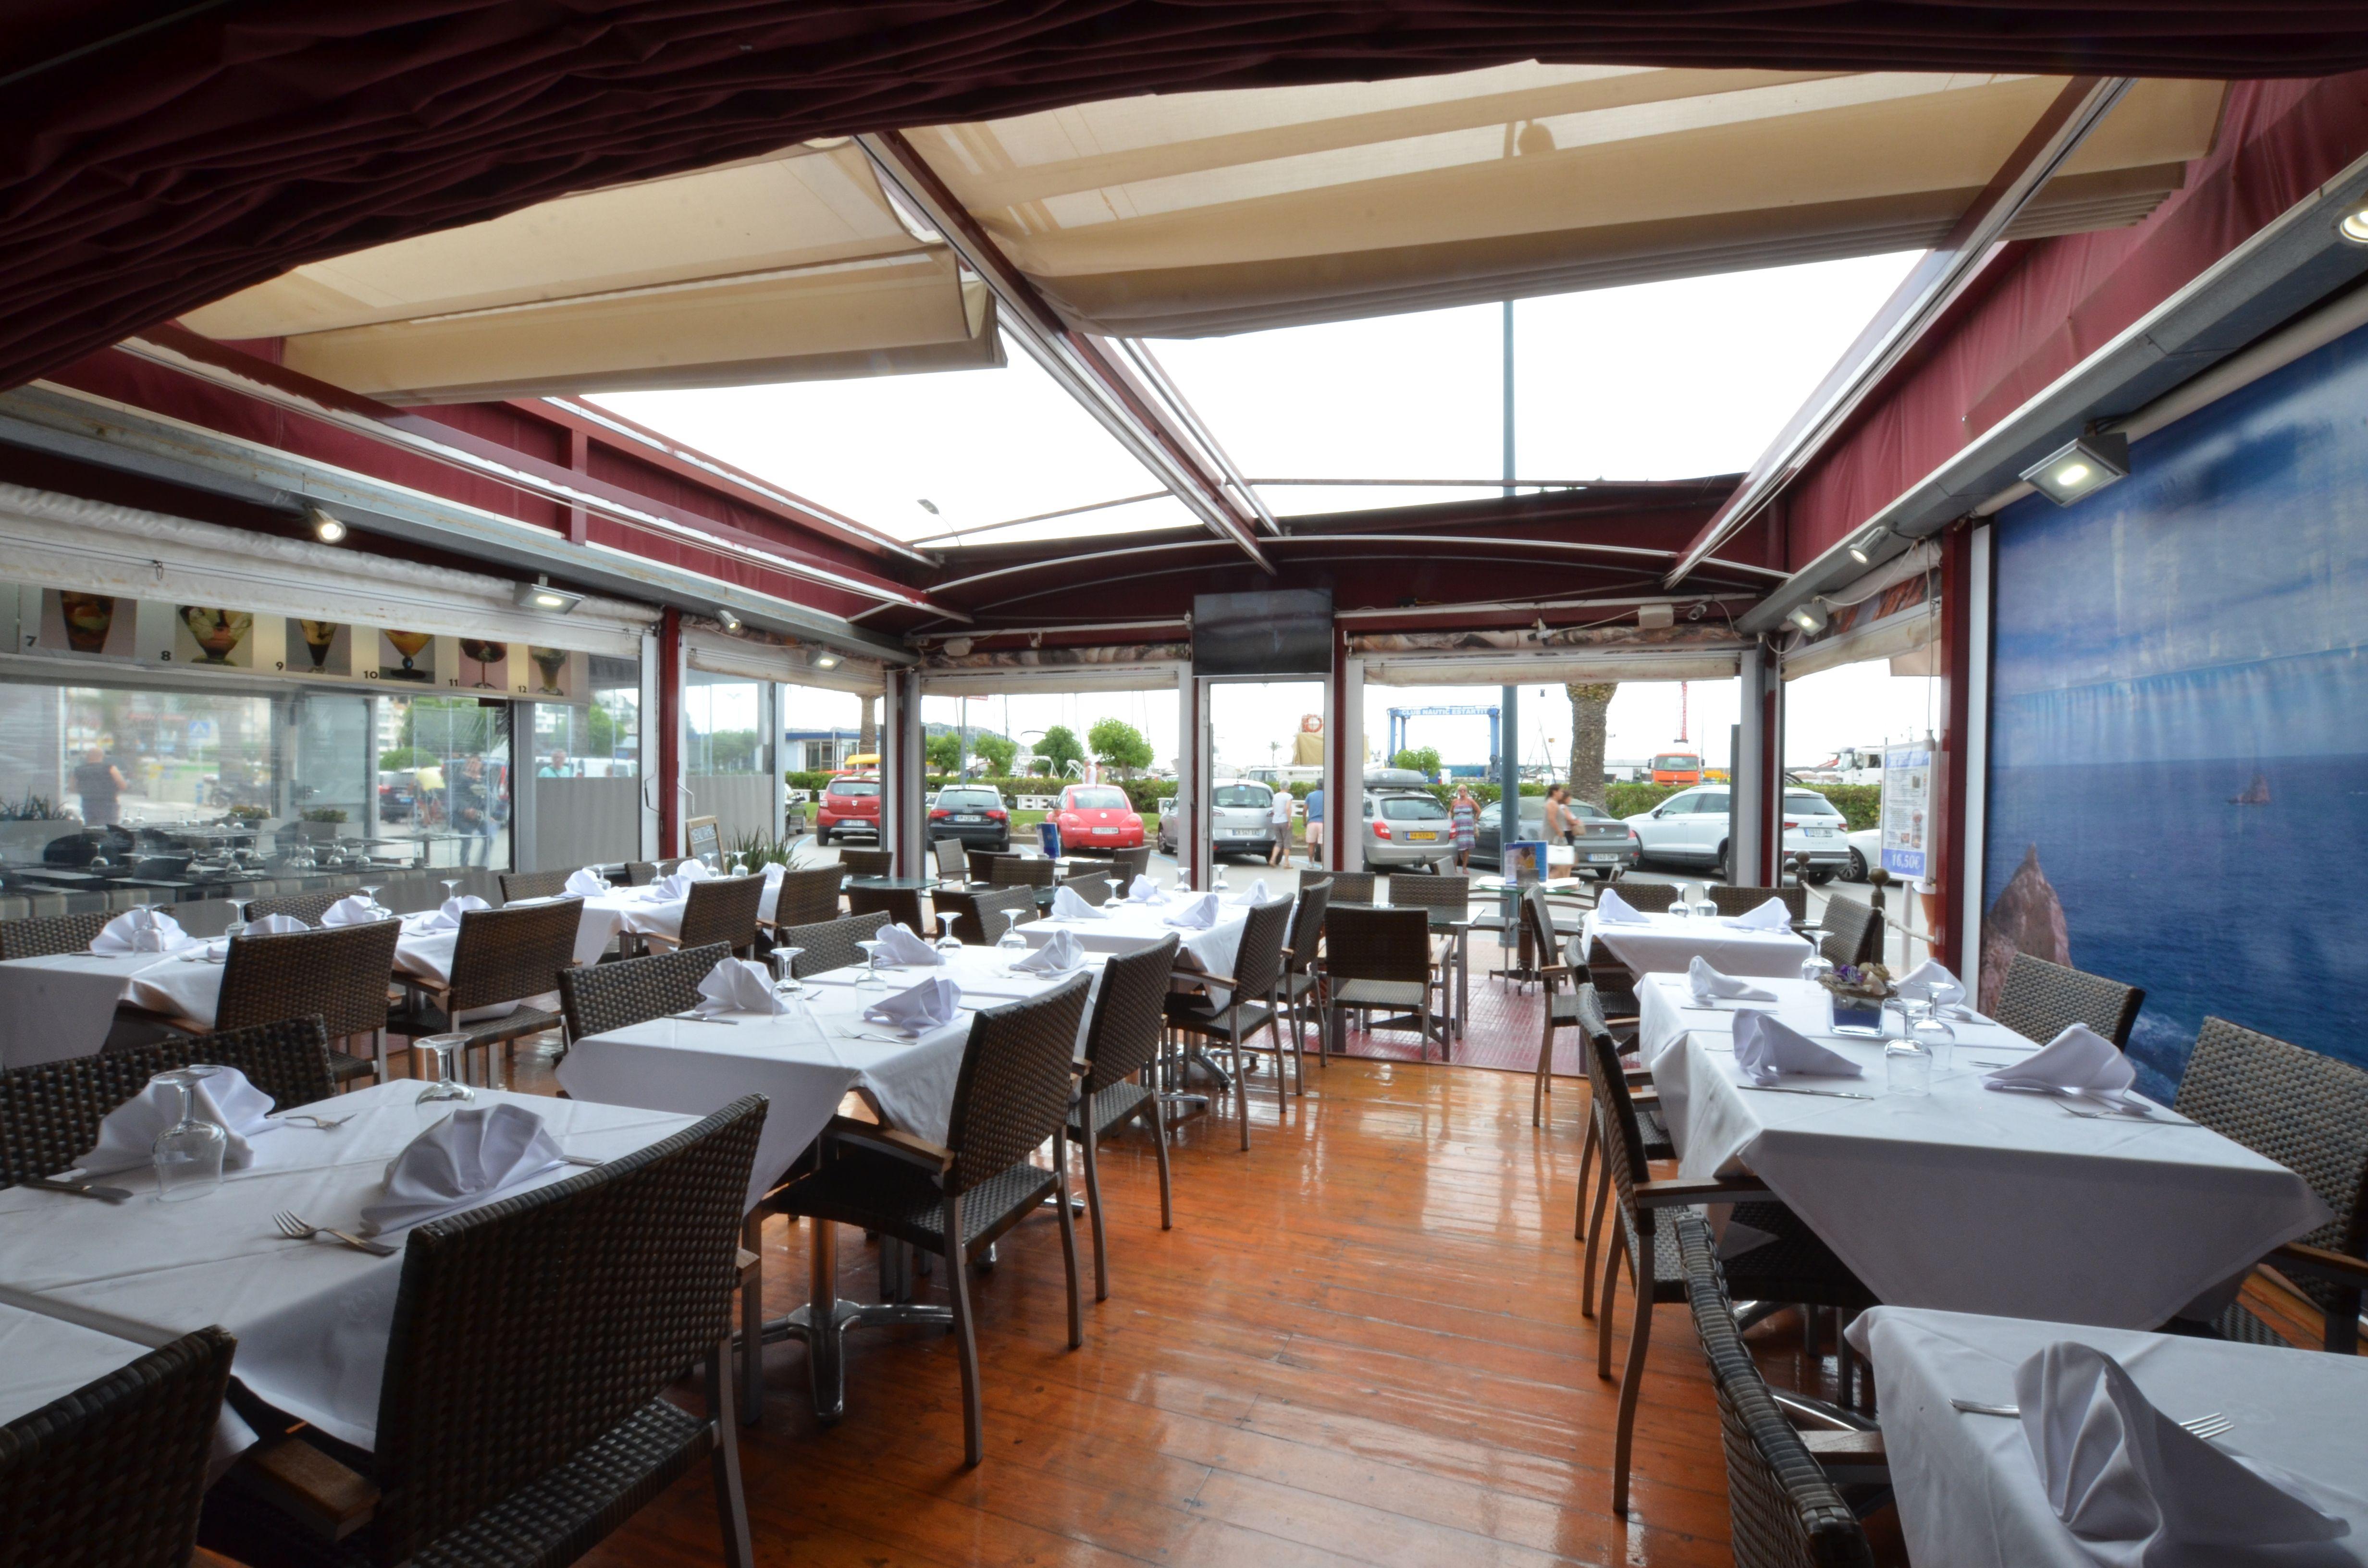 Foto 16 de Restaurante en Torroella de Montgrí | Restaurant Rosamar